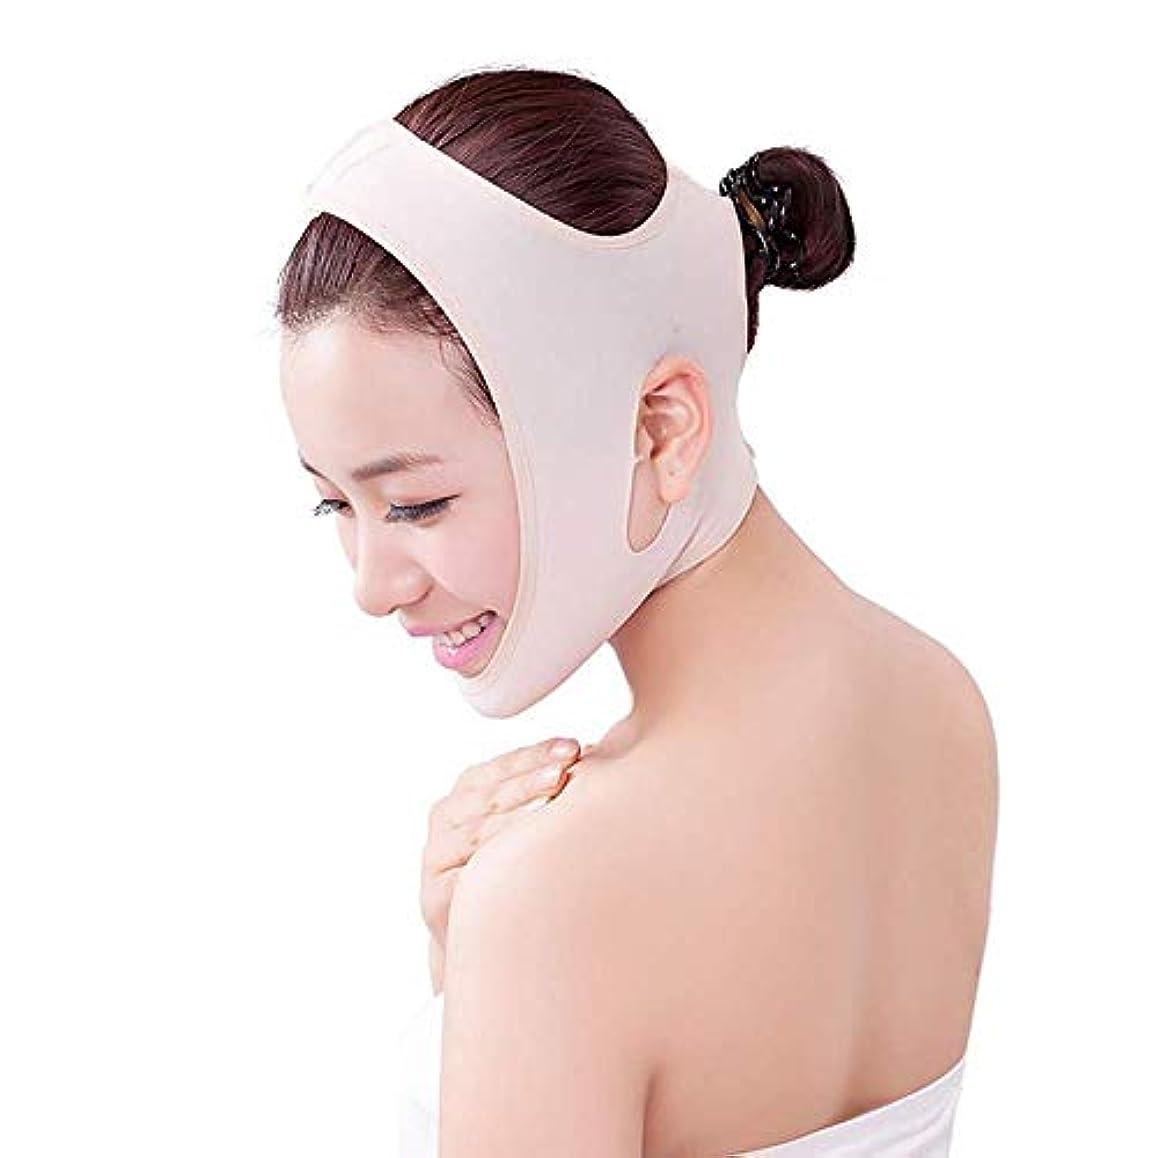 合わせて確かめる外交官薄型フェイスベルト - 男性用および女性用の包帯をフランスの顔用リフティングマスク器具に引き締める薄型フェイスVフェイス薄型ダブルチンフェイスリフティングベルト(サイズ:M),M